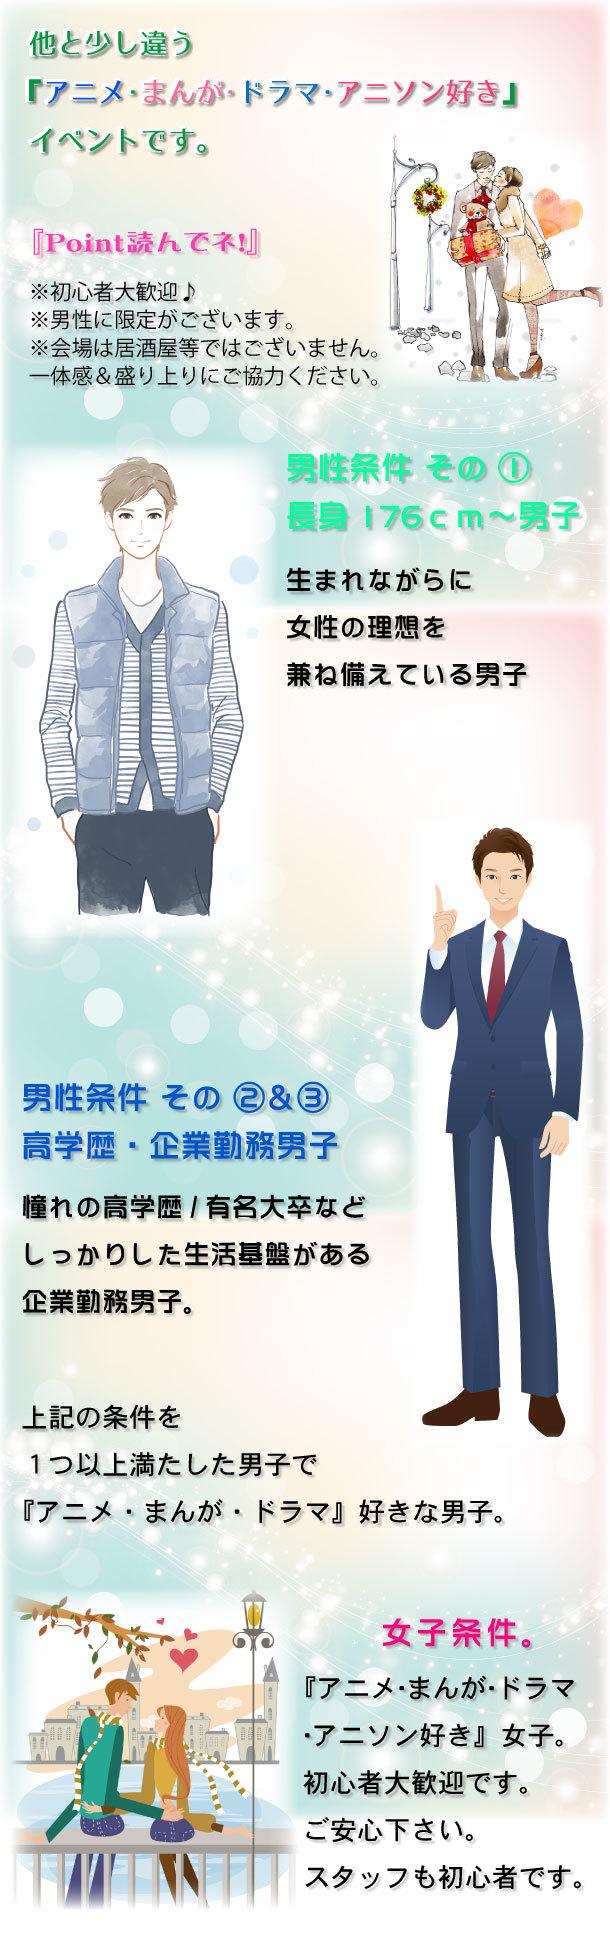 アニメ_マンガ-本文-銀座